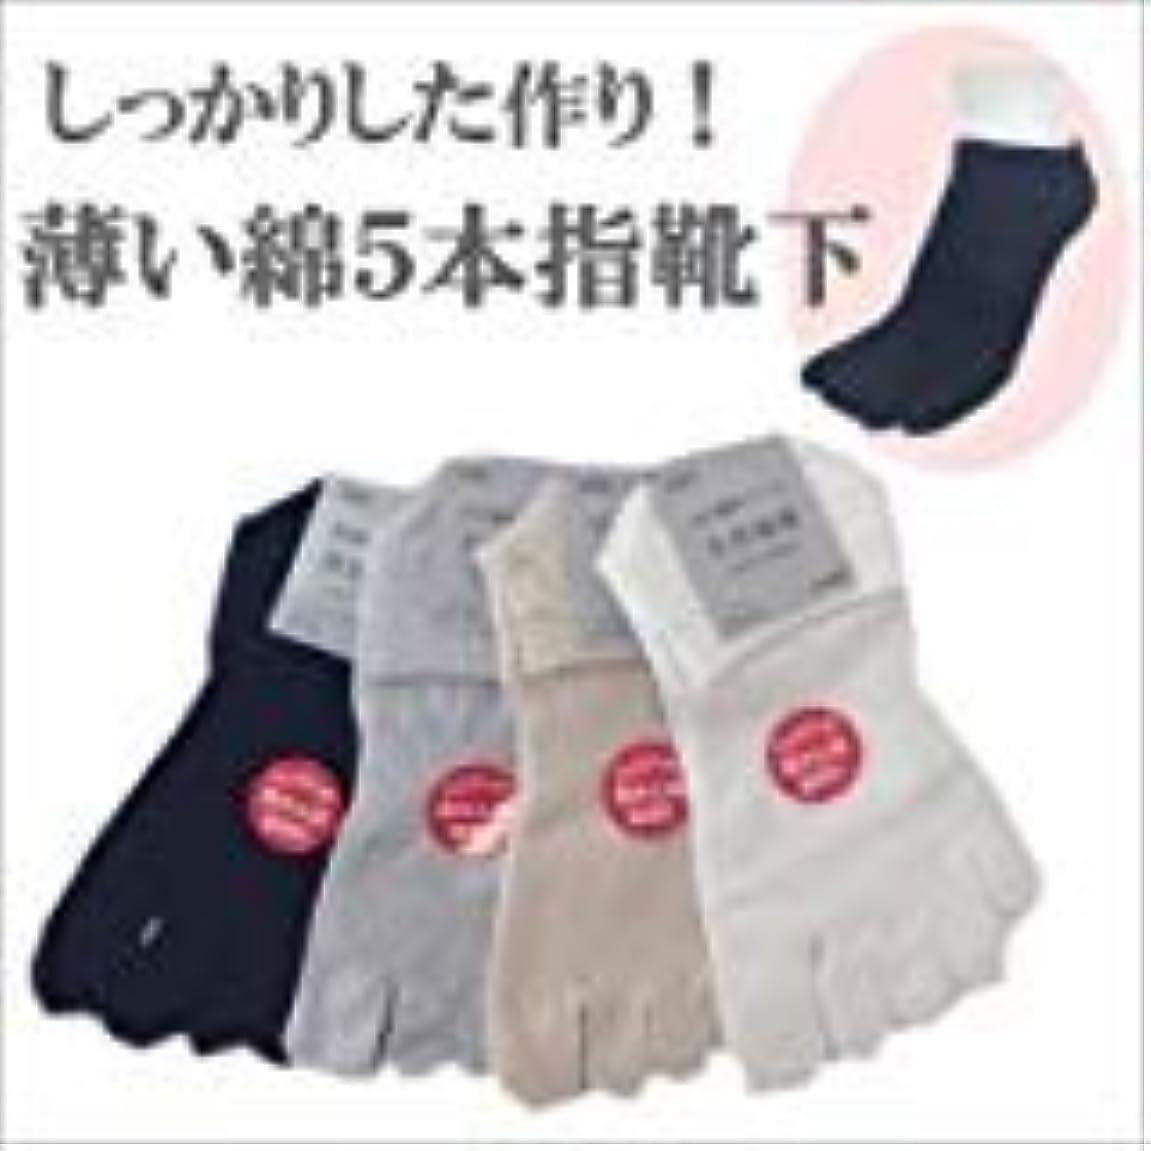 女性ハンドブック消費者薄手 ショート丈 綿 5本指靴下 23-25cm 太陽ニット 337(オフホワイト)